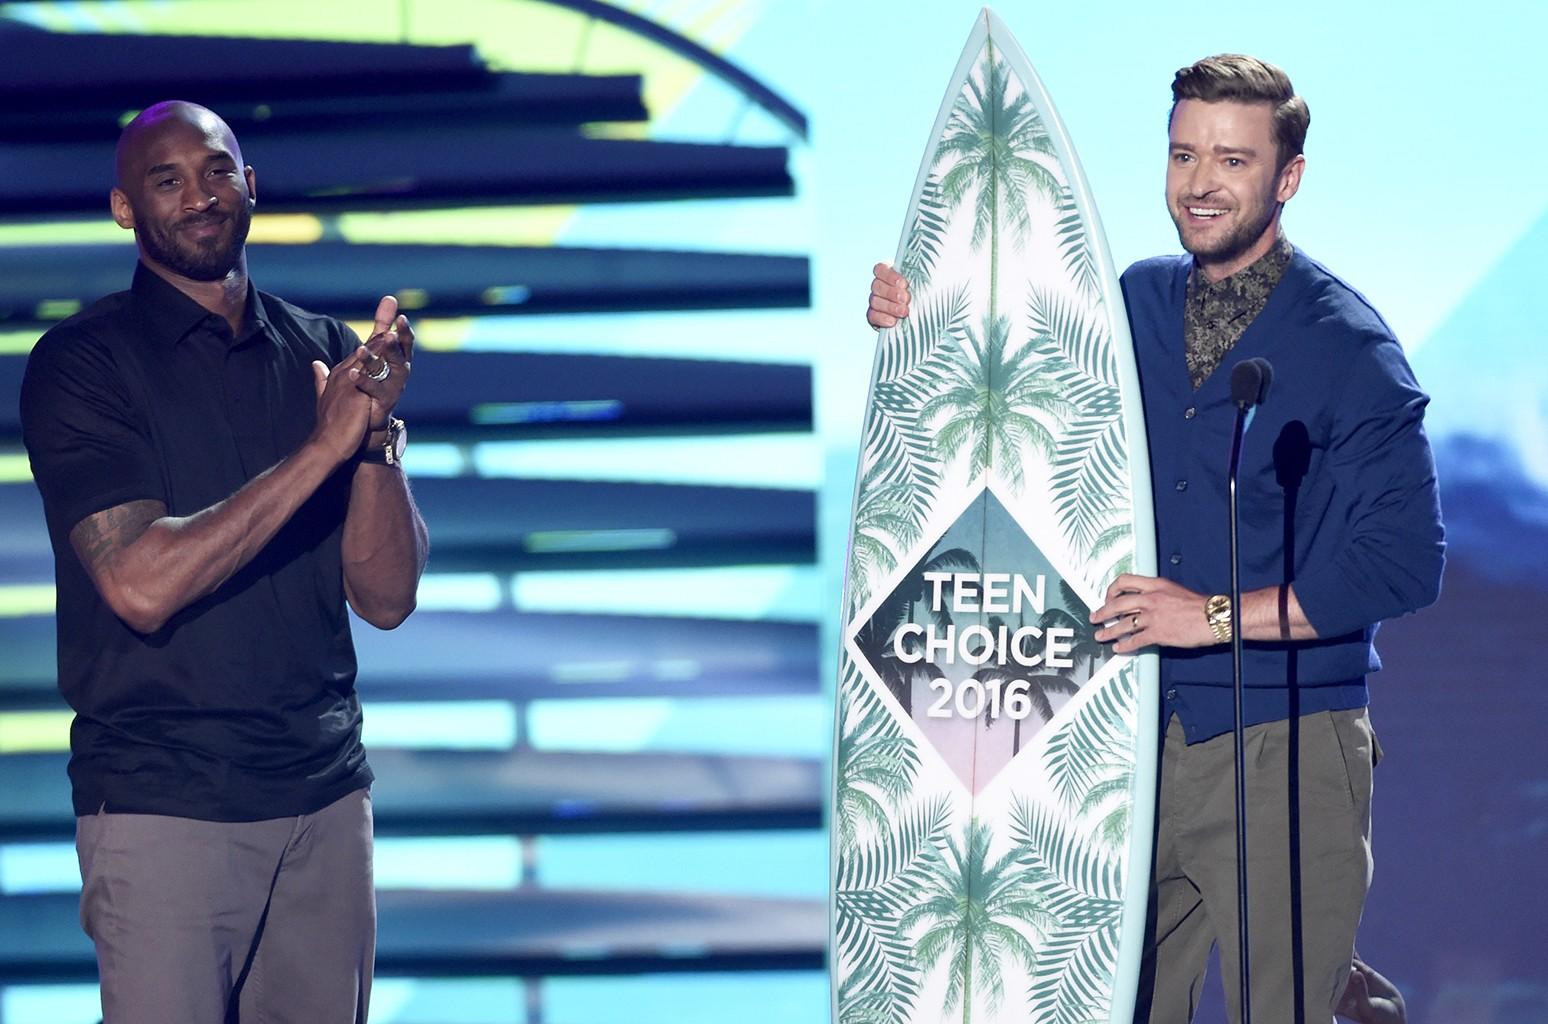 Justin Timberlake at the Teen Choice Awards